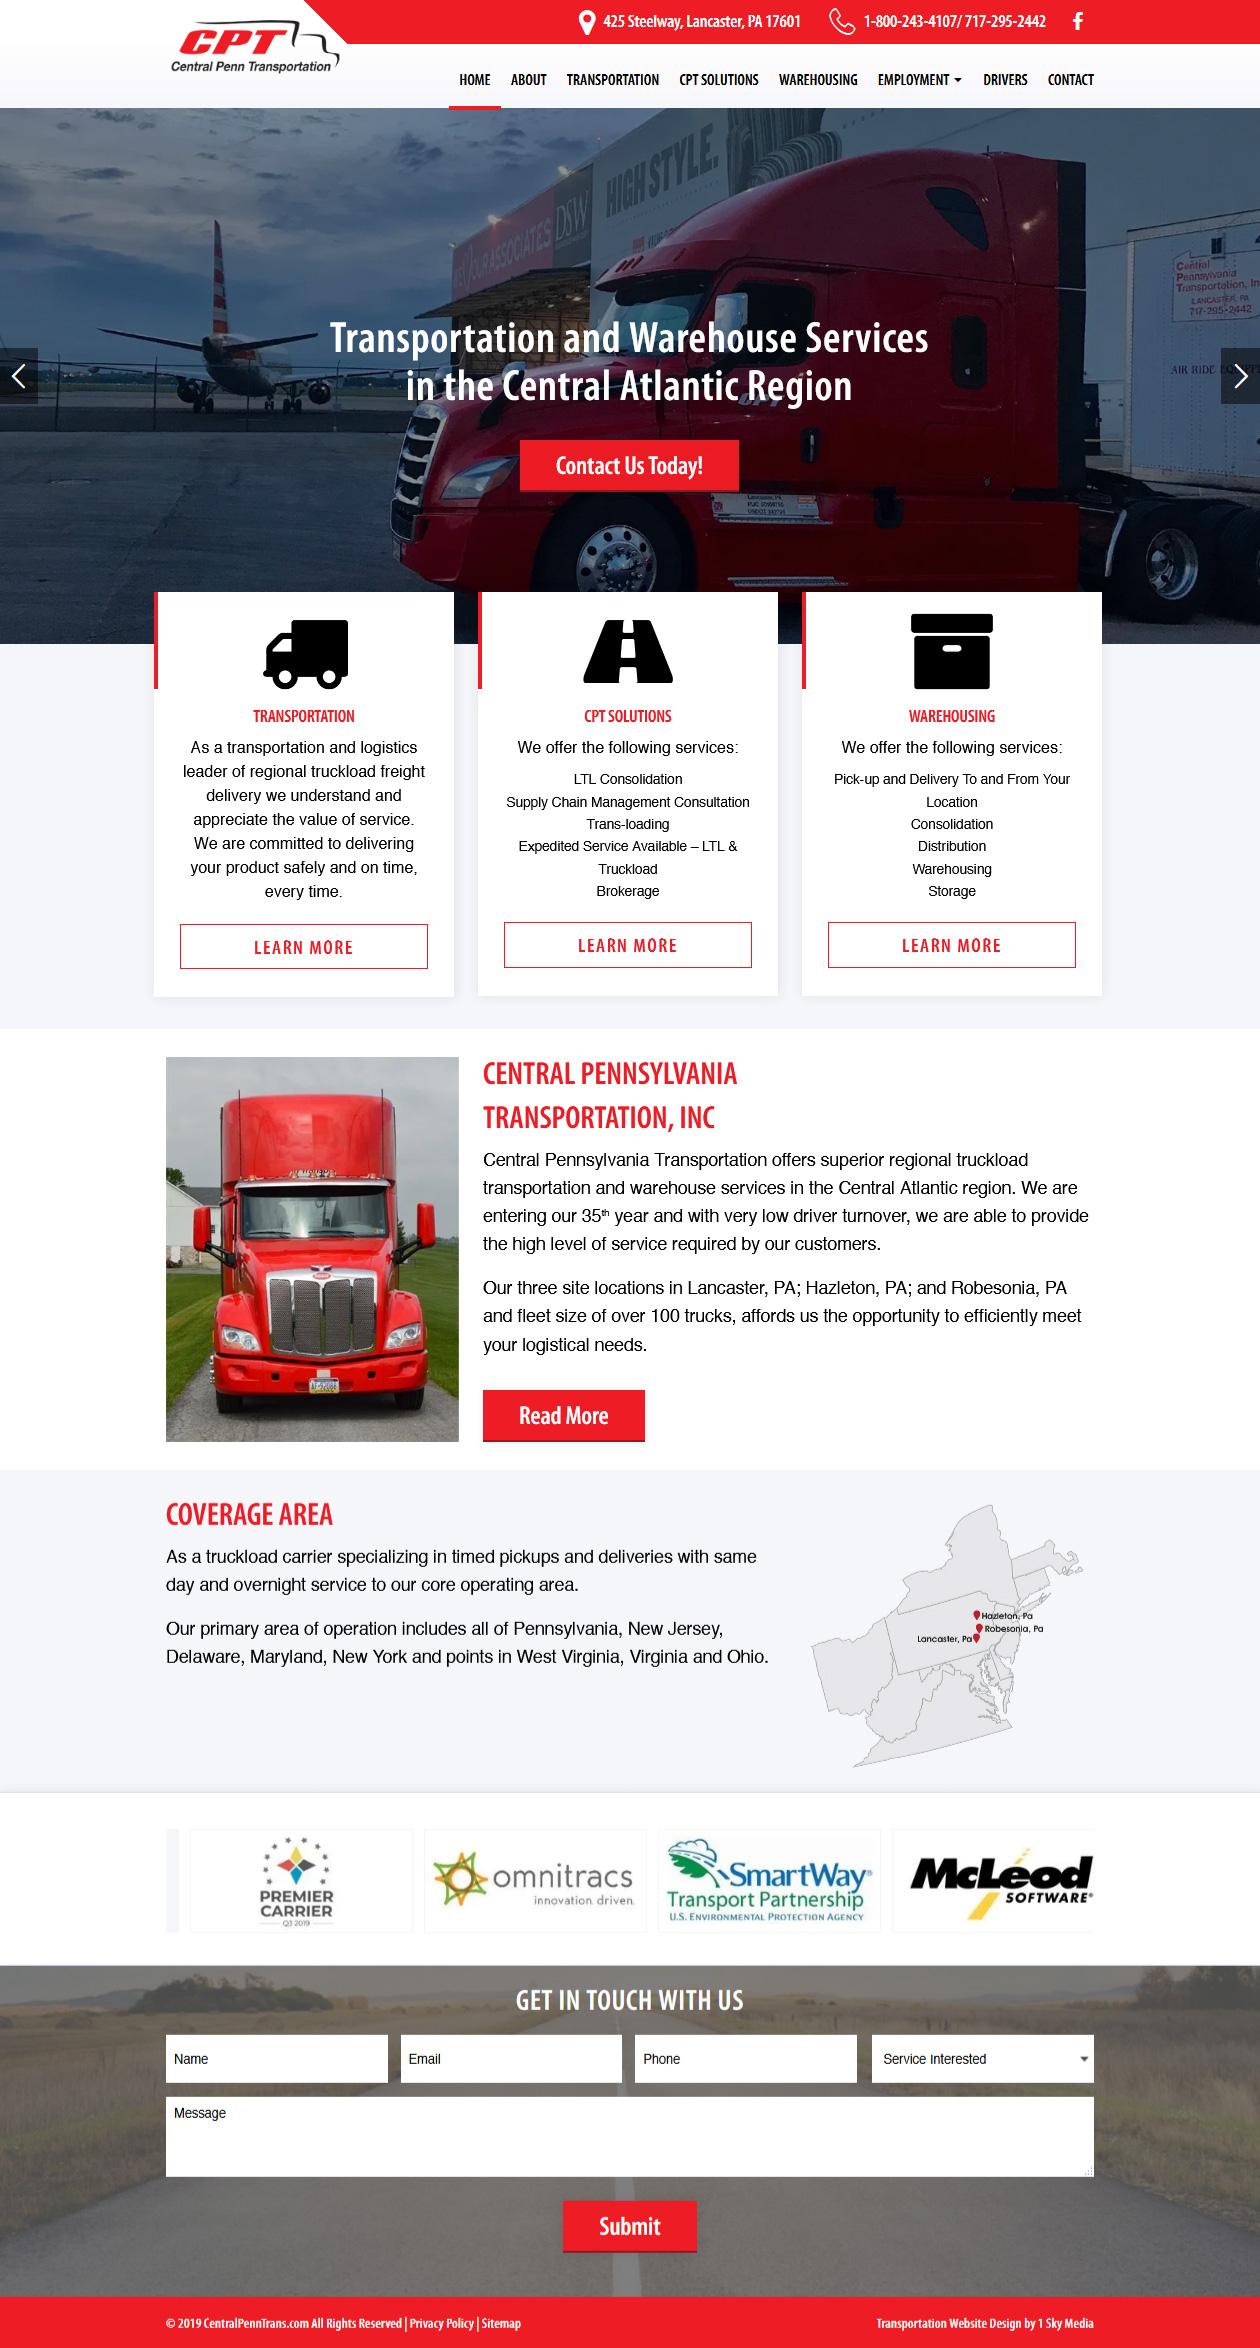 Central Pennsylvania Transportation - trucking website design